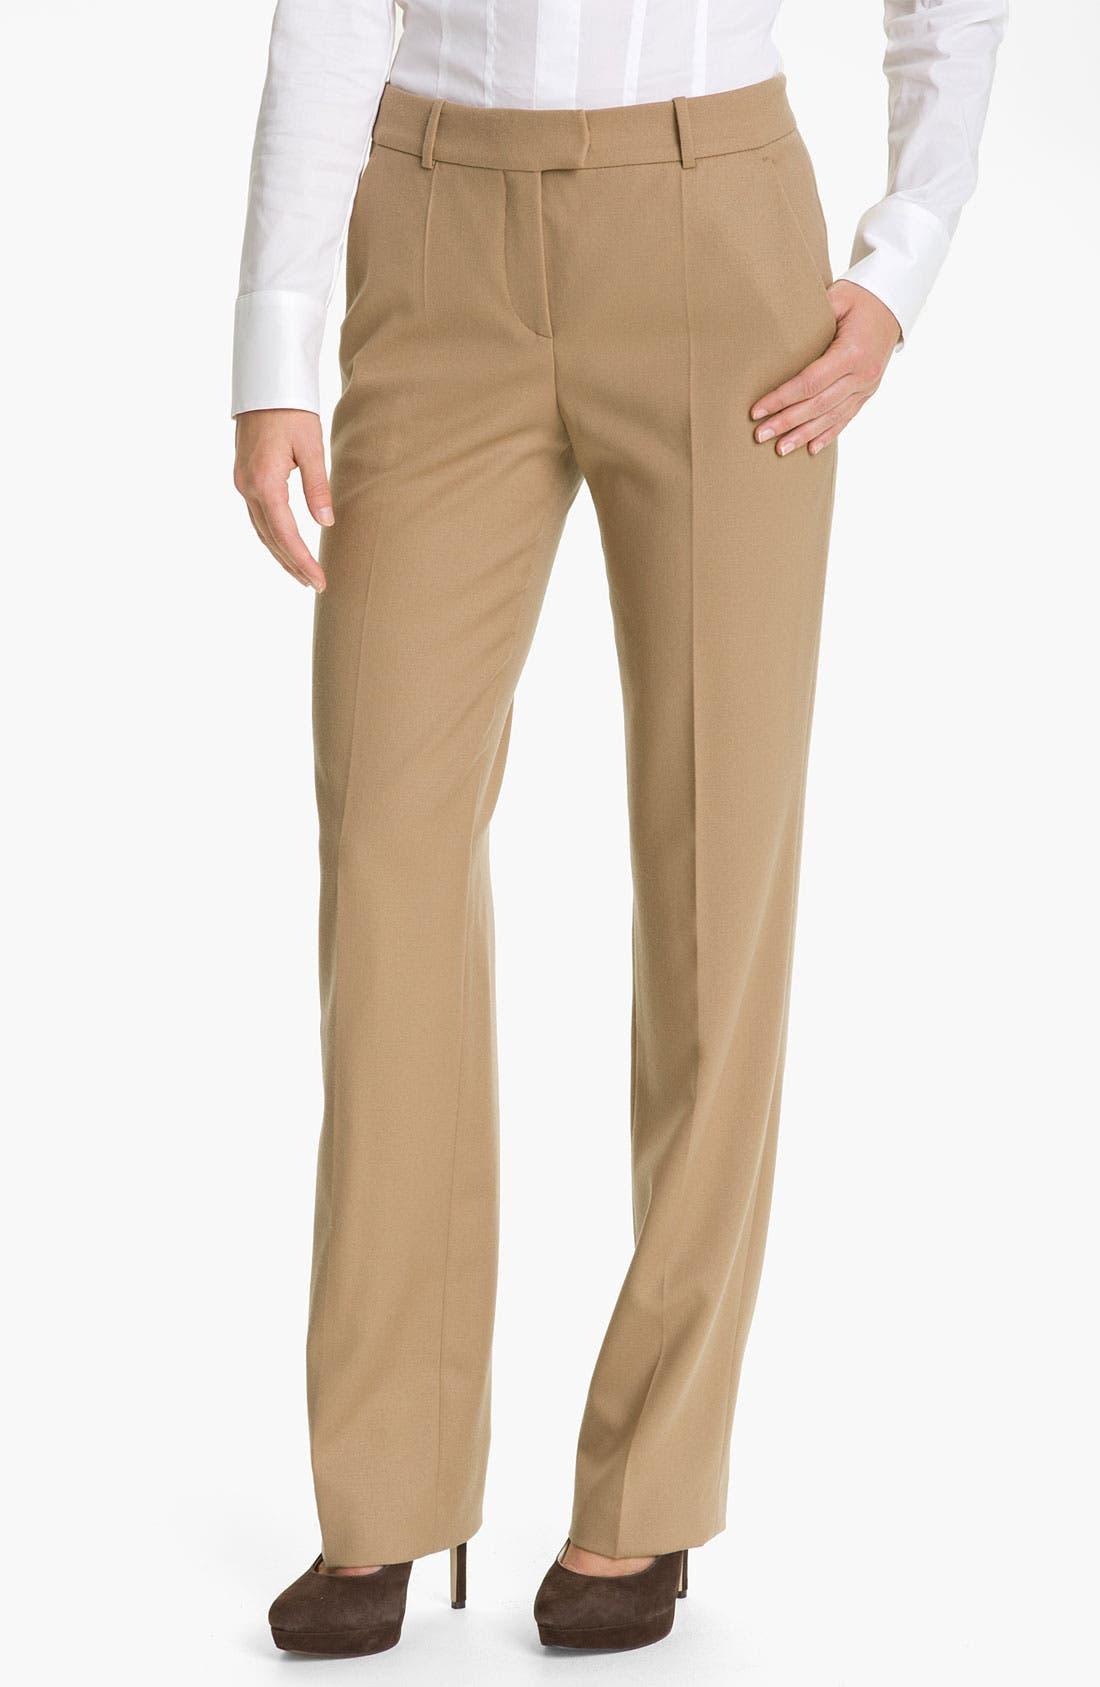 Alternate Image 1 Selected - BOSS HUGO BOSS 'Tegy' Pants